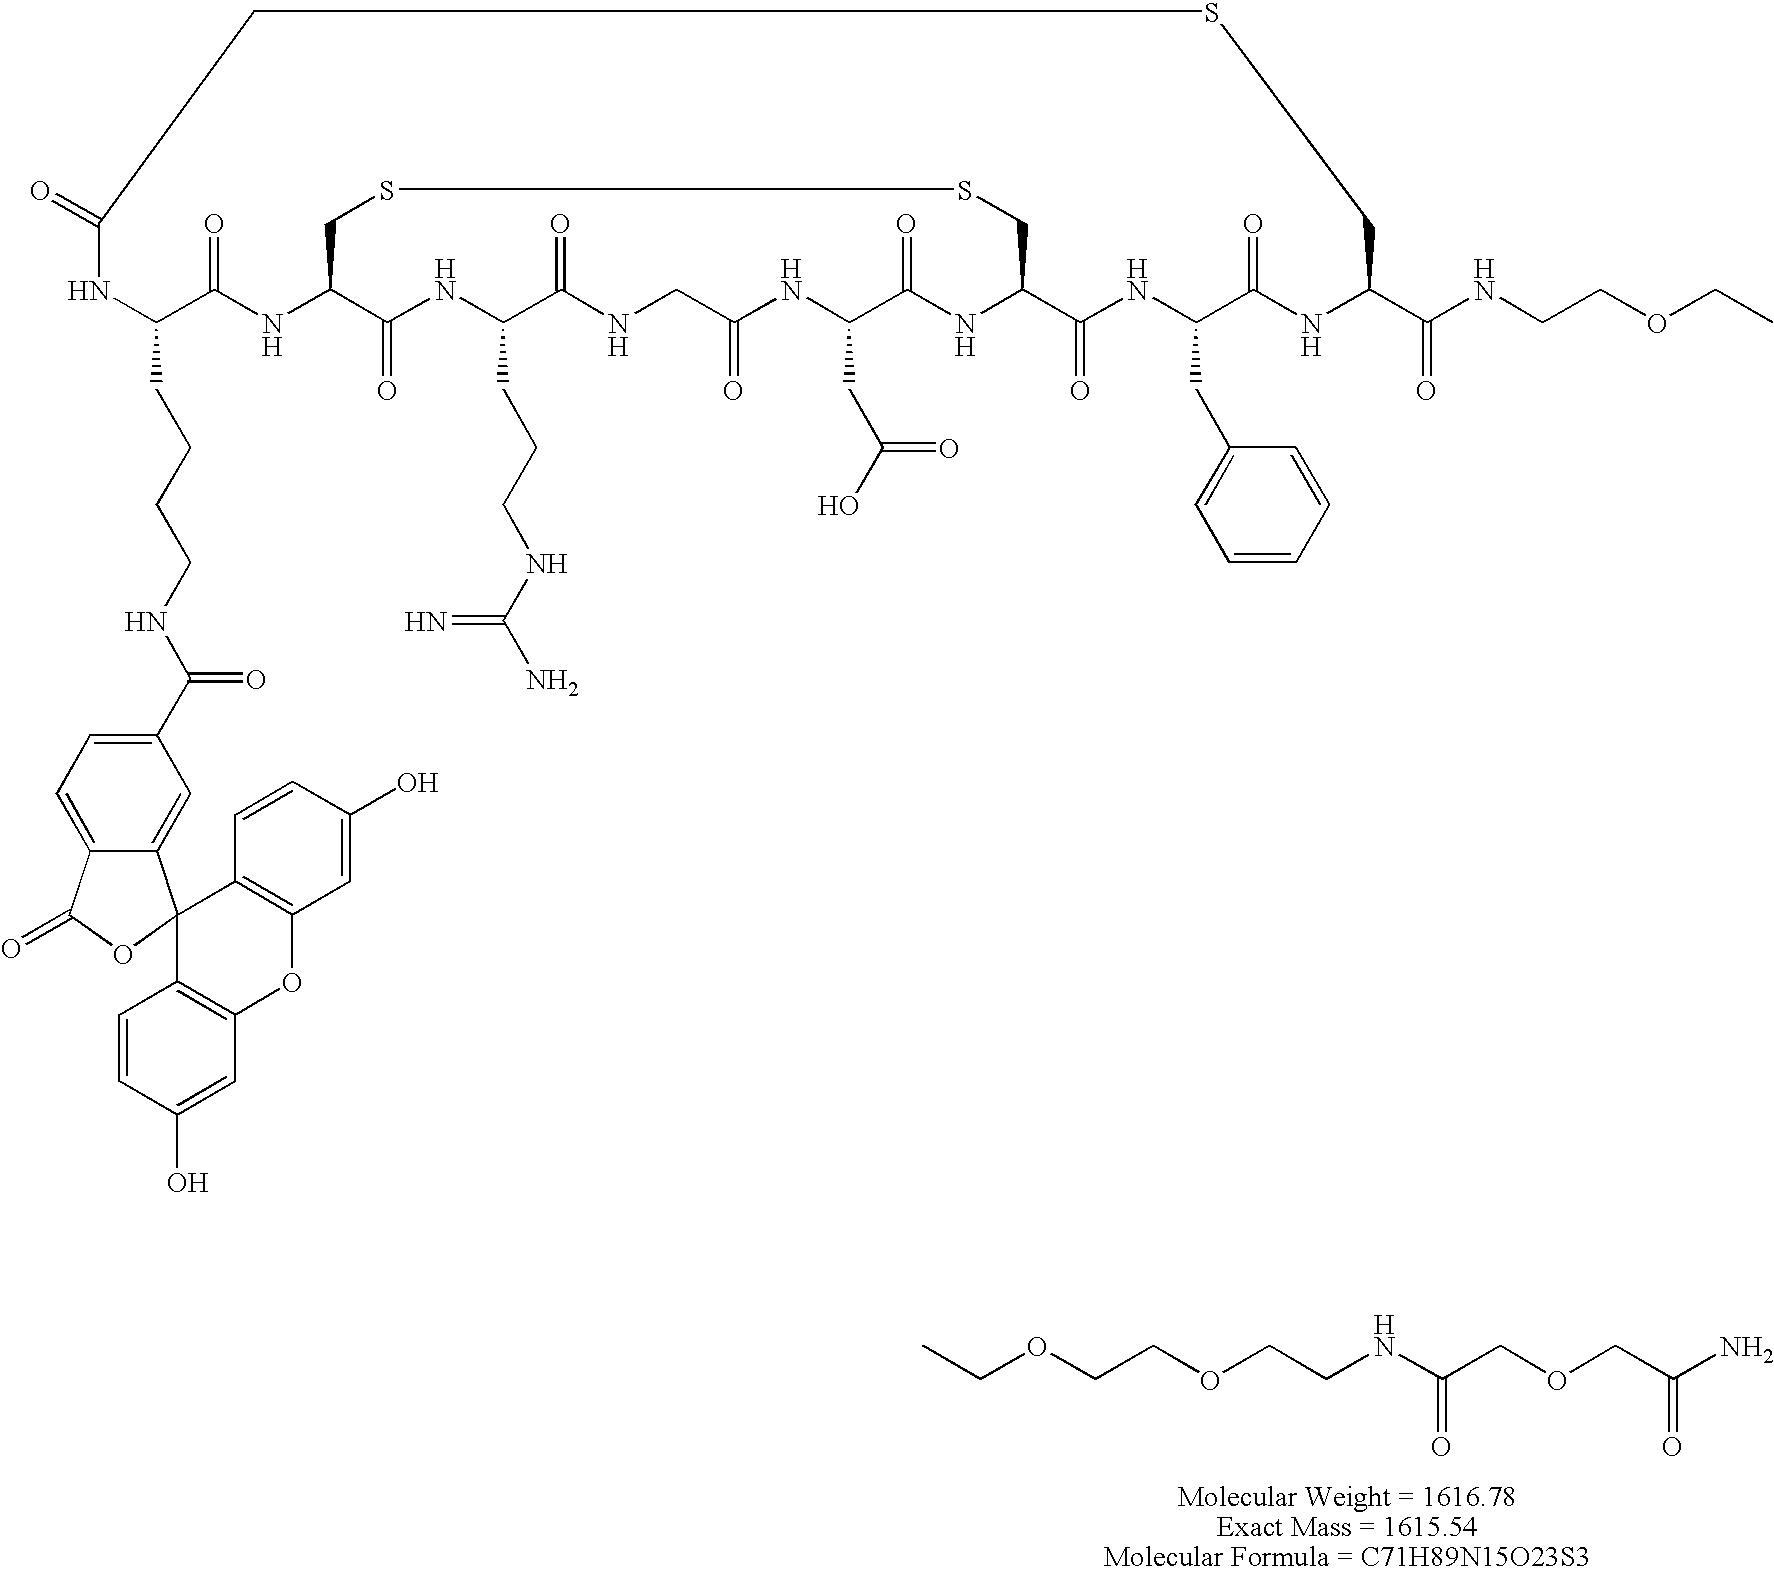 Figure US20090232741A1-20090917-C00028